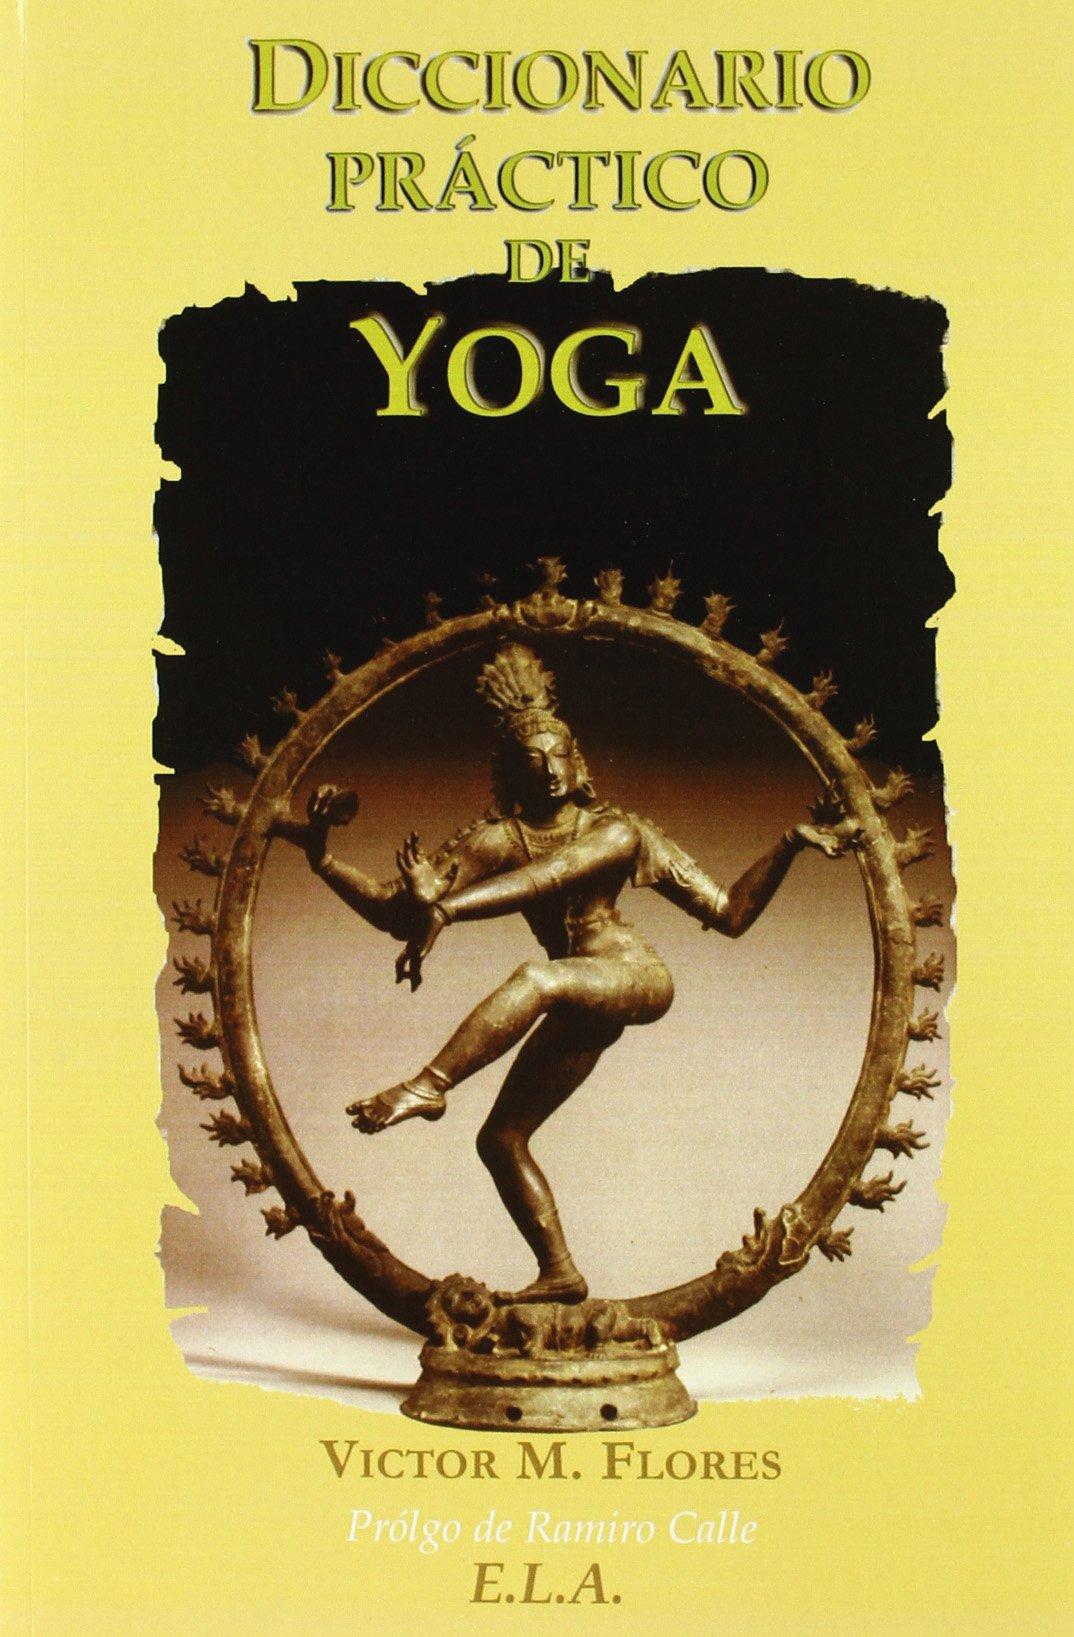 Diccionario practico de yoga: Amazon.es: Victor M. Flores ...